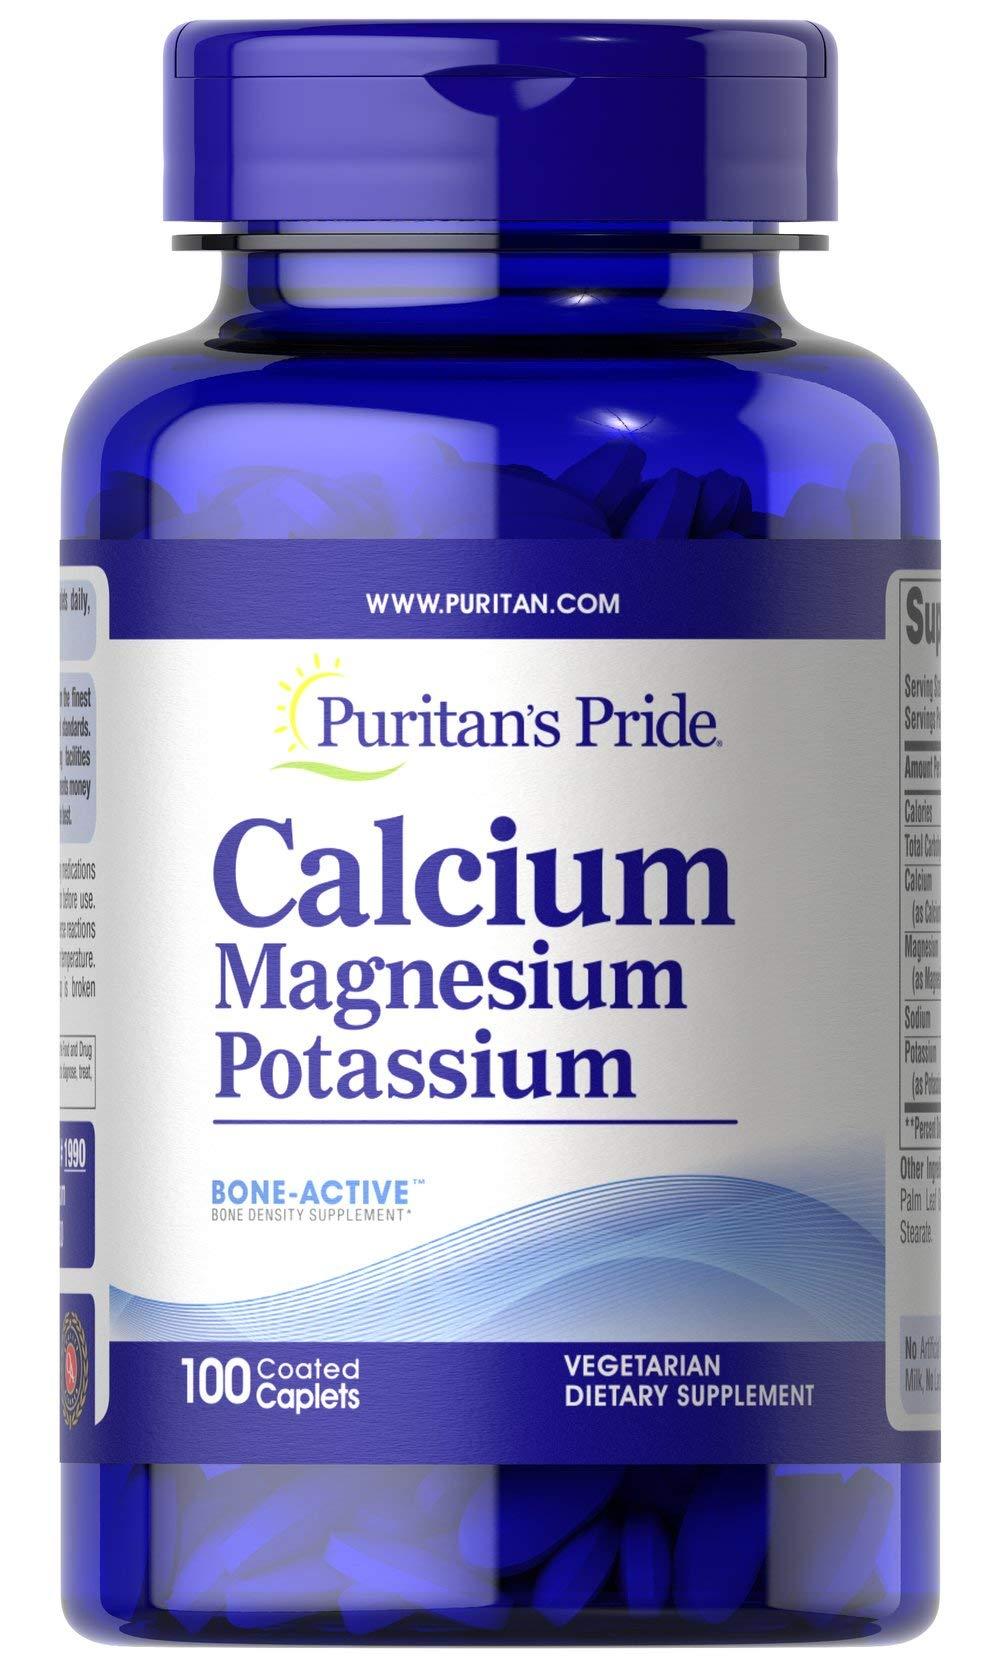 Puritan's Pride Calcium Magnesium and Potassium-100 Caplets